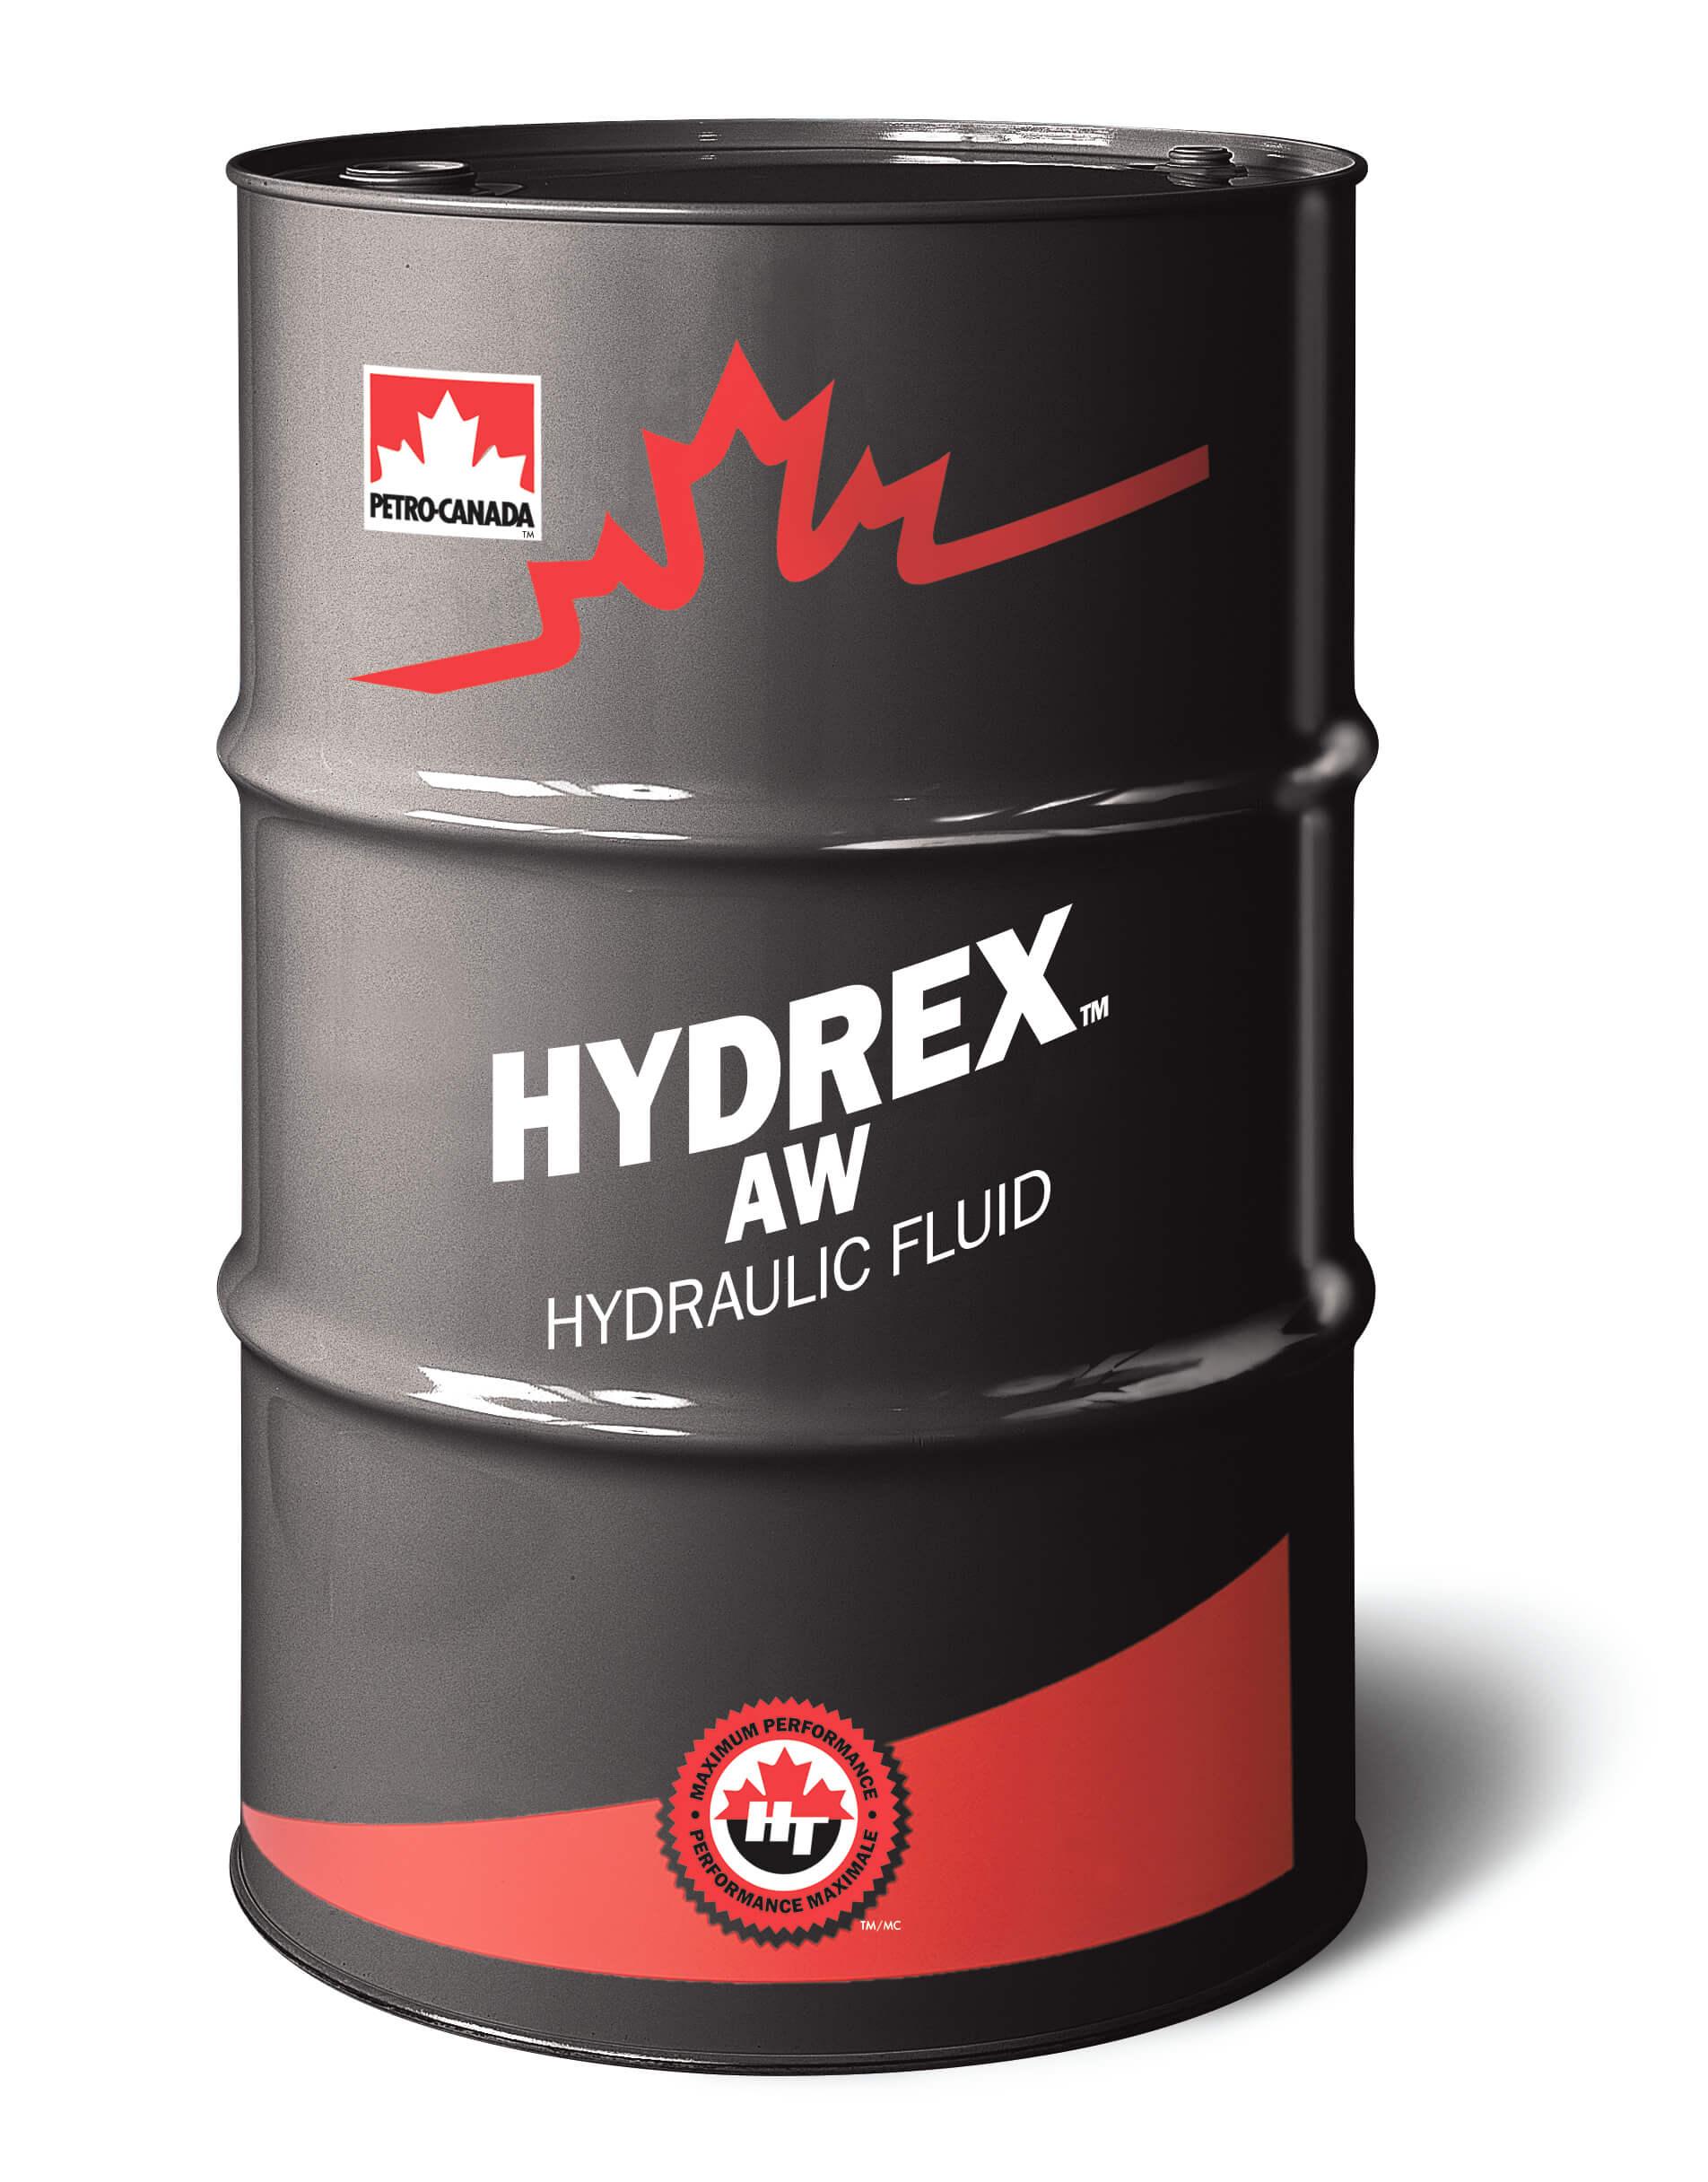 Petro-Canada Hydrex AW Hydraulic 46